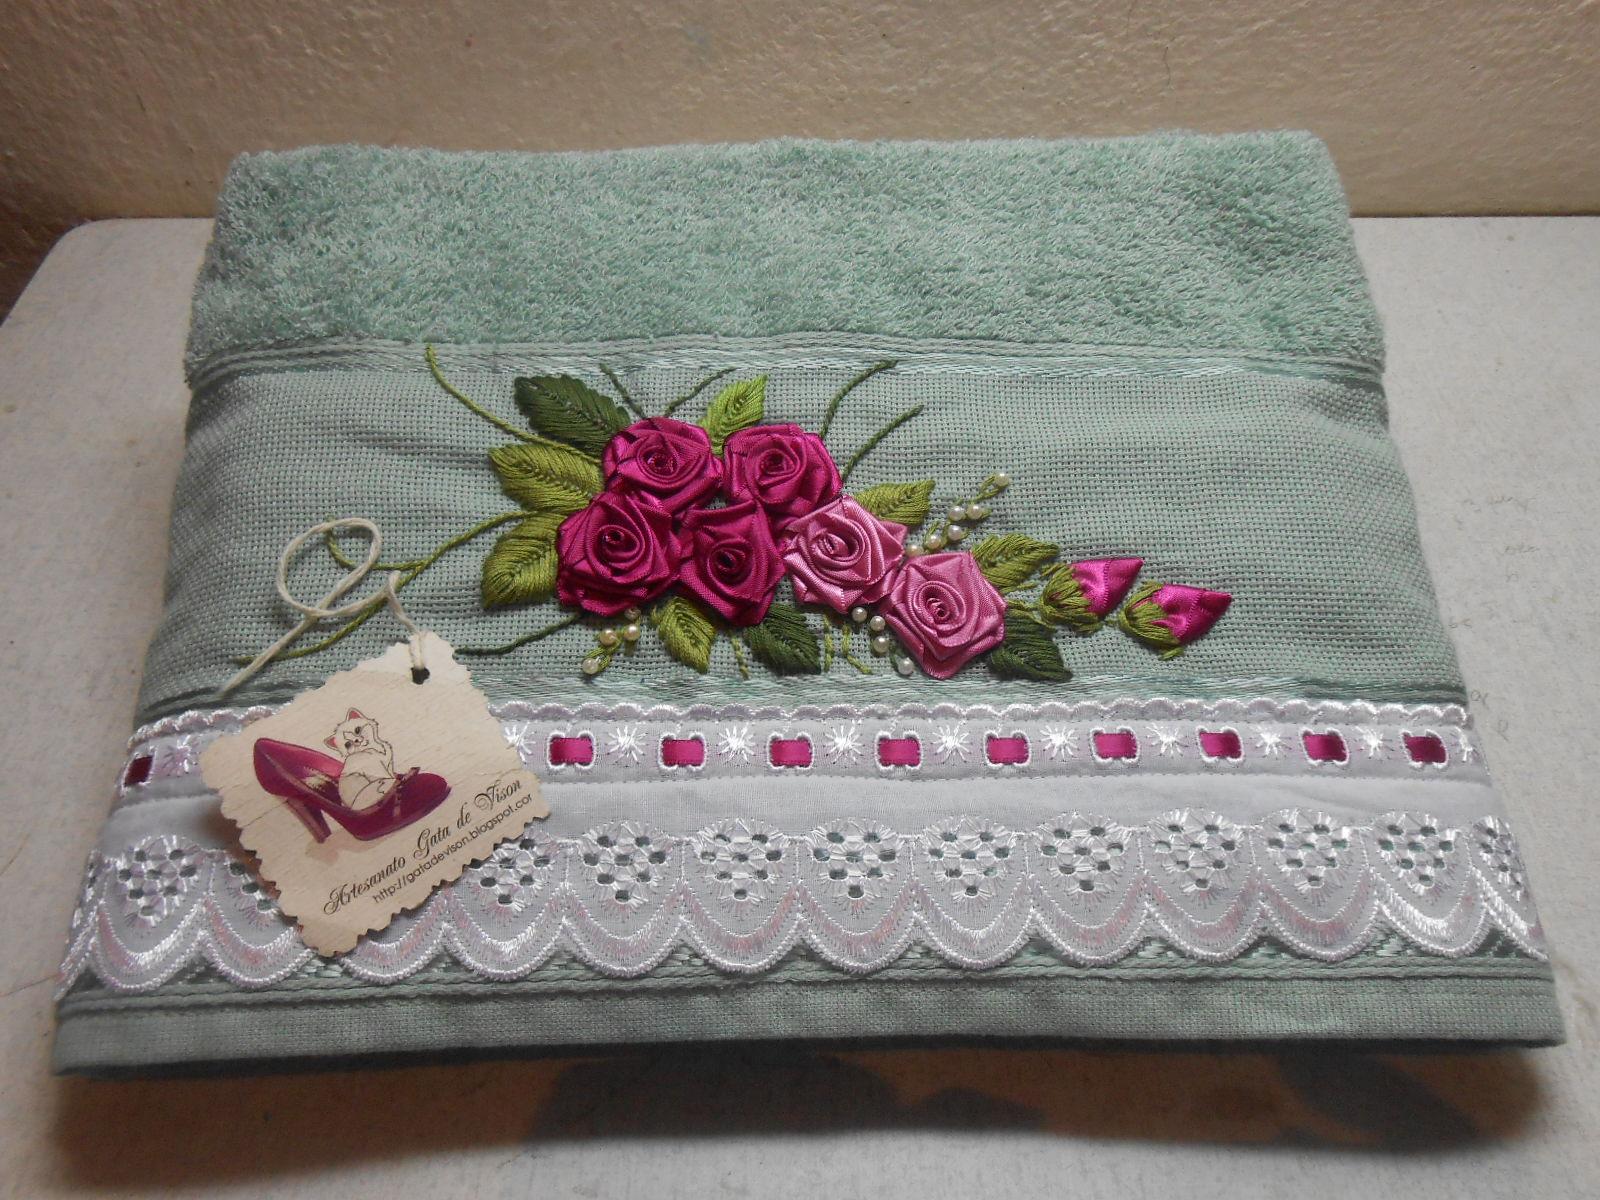 Artesanato Gata de Vison: jogo de toalha de banho bordadas em fita #953660 1600x1200 Balança De Banheiro No Ponto Frio